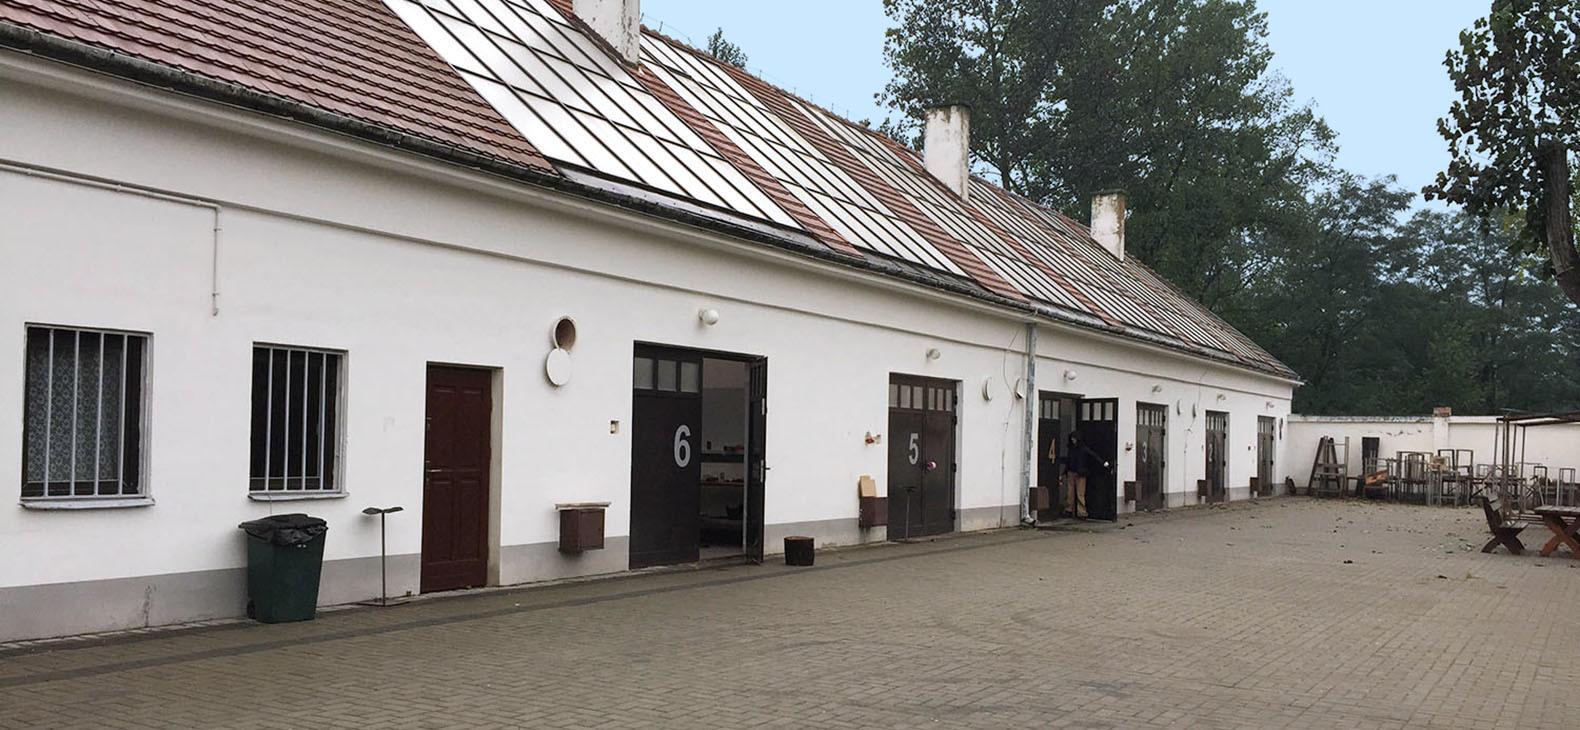 Zentrum für Polnische Skulptur in Oronsko - Orangerie